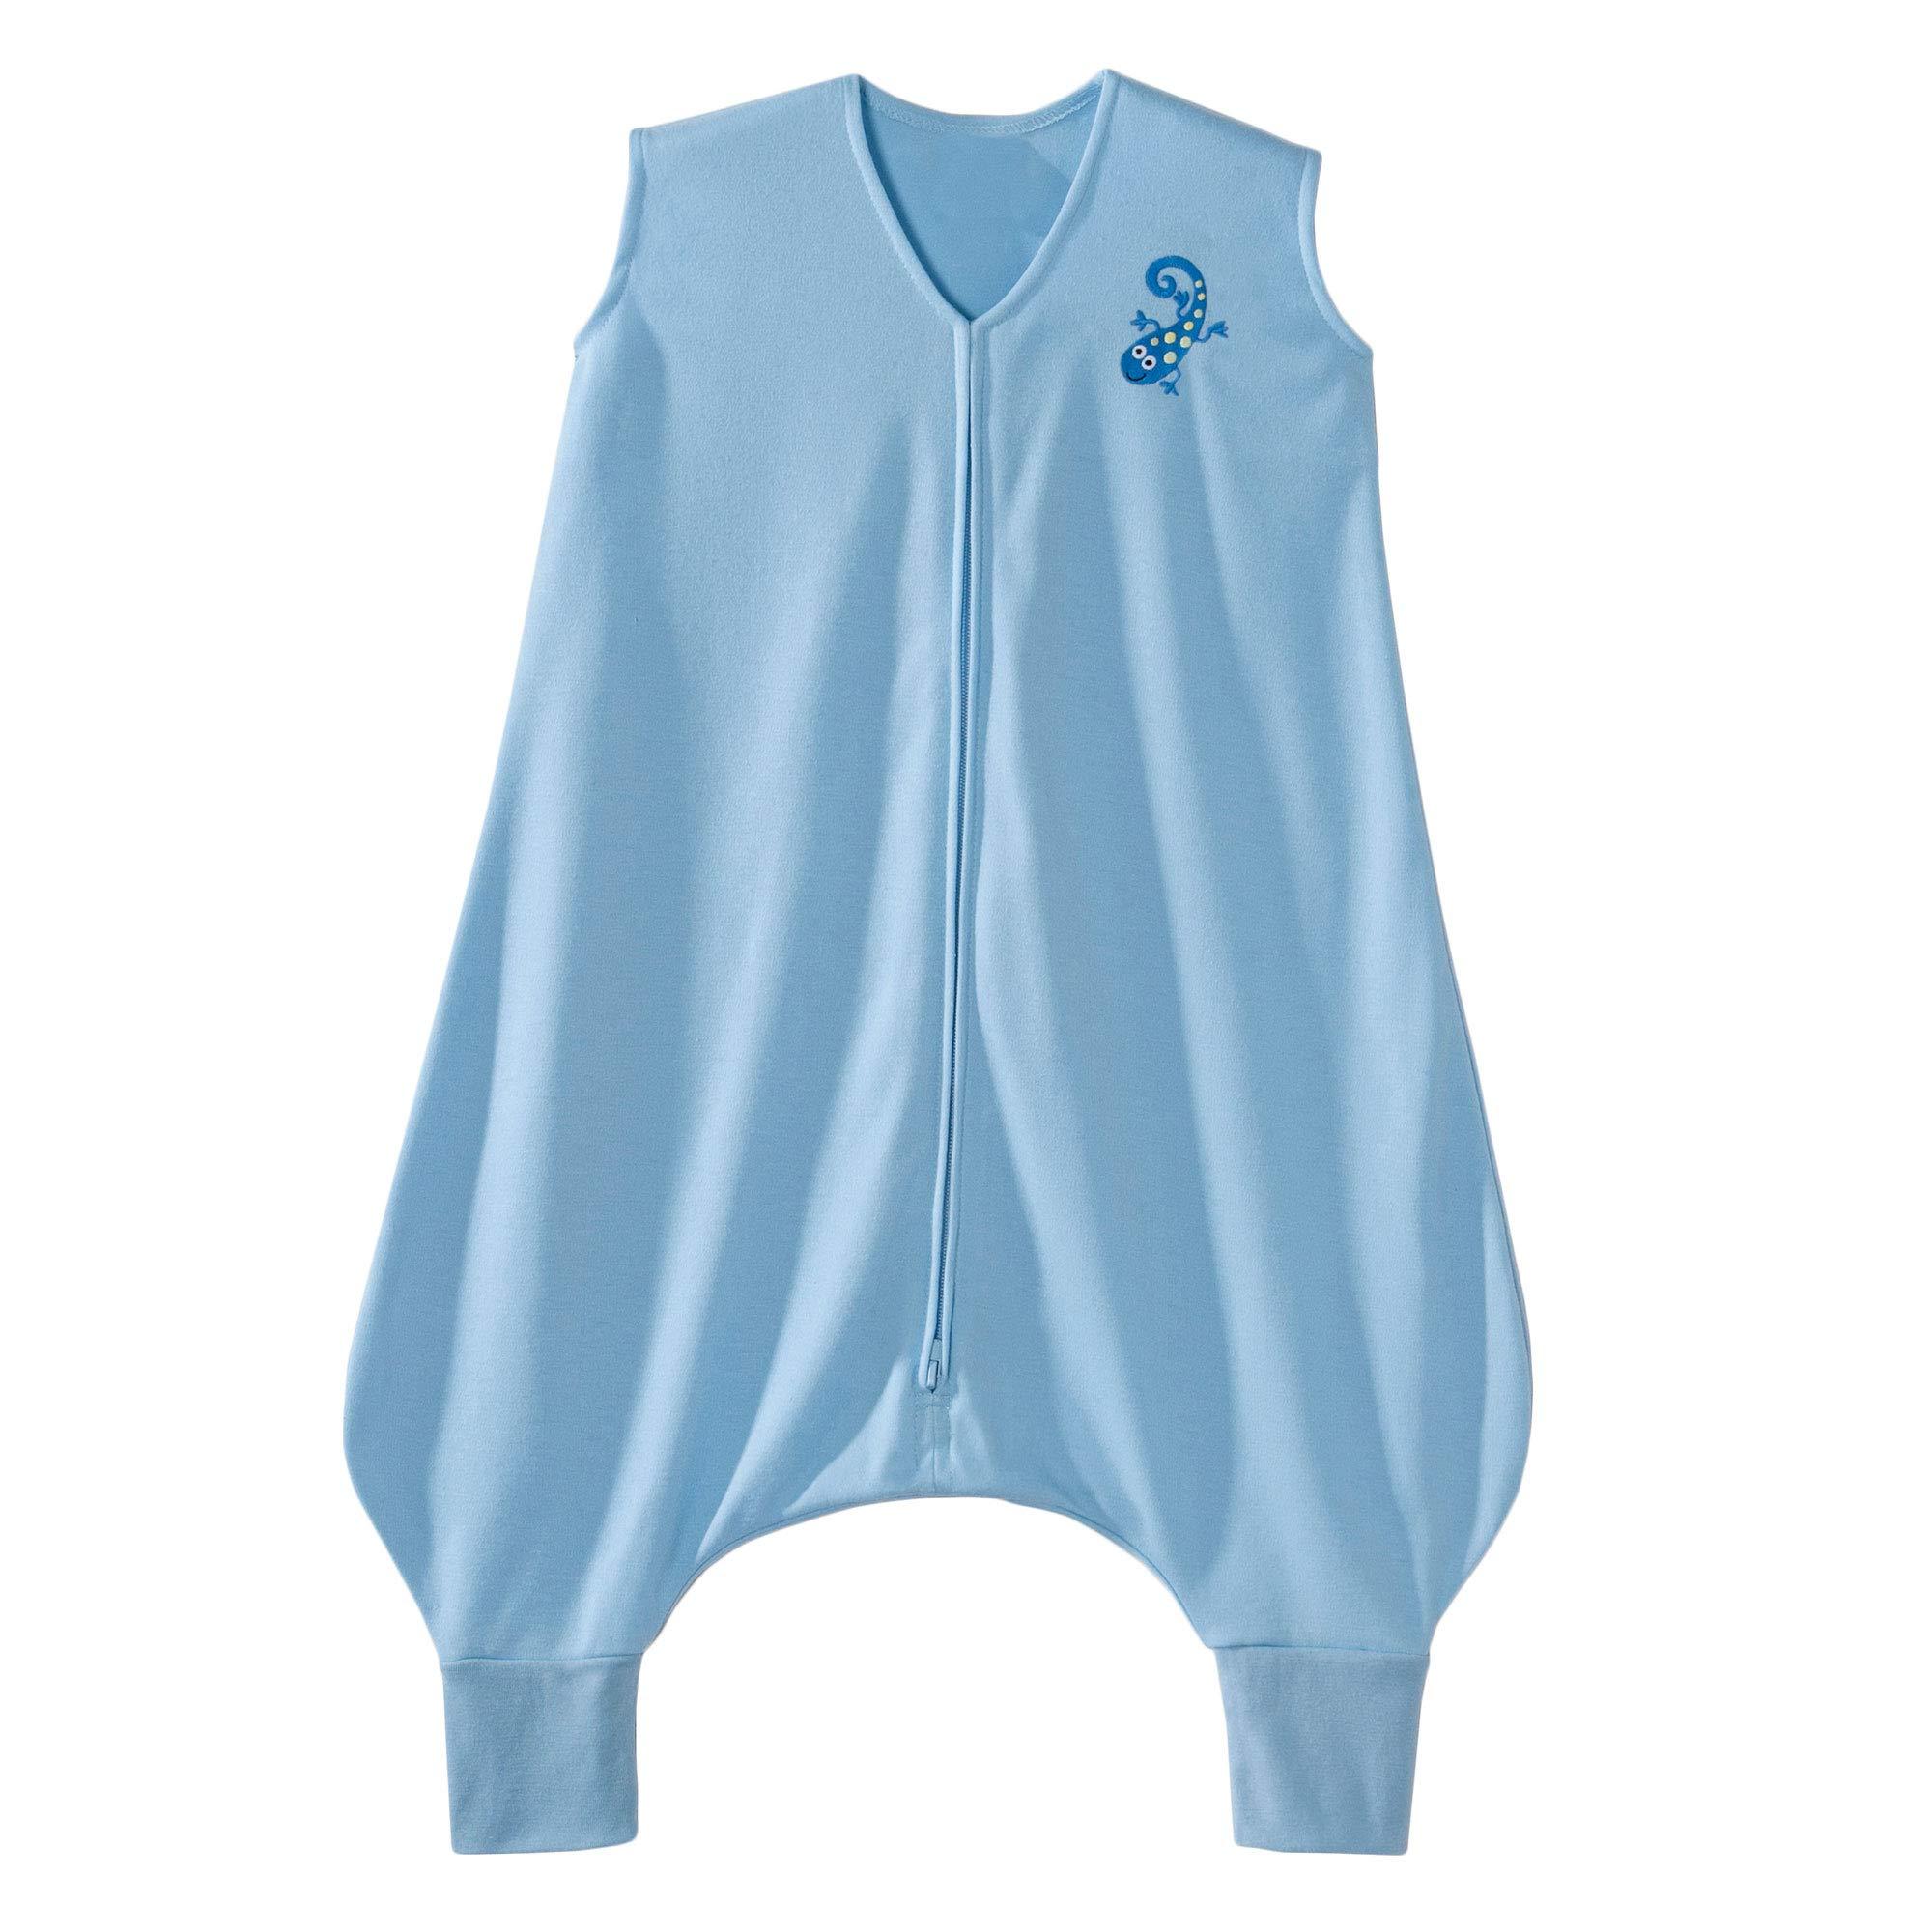 Halo Blue Early Walker Sleepsack Wearable Blanket, Poly Knit, Large